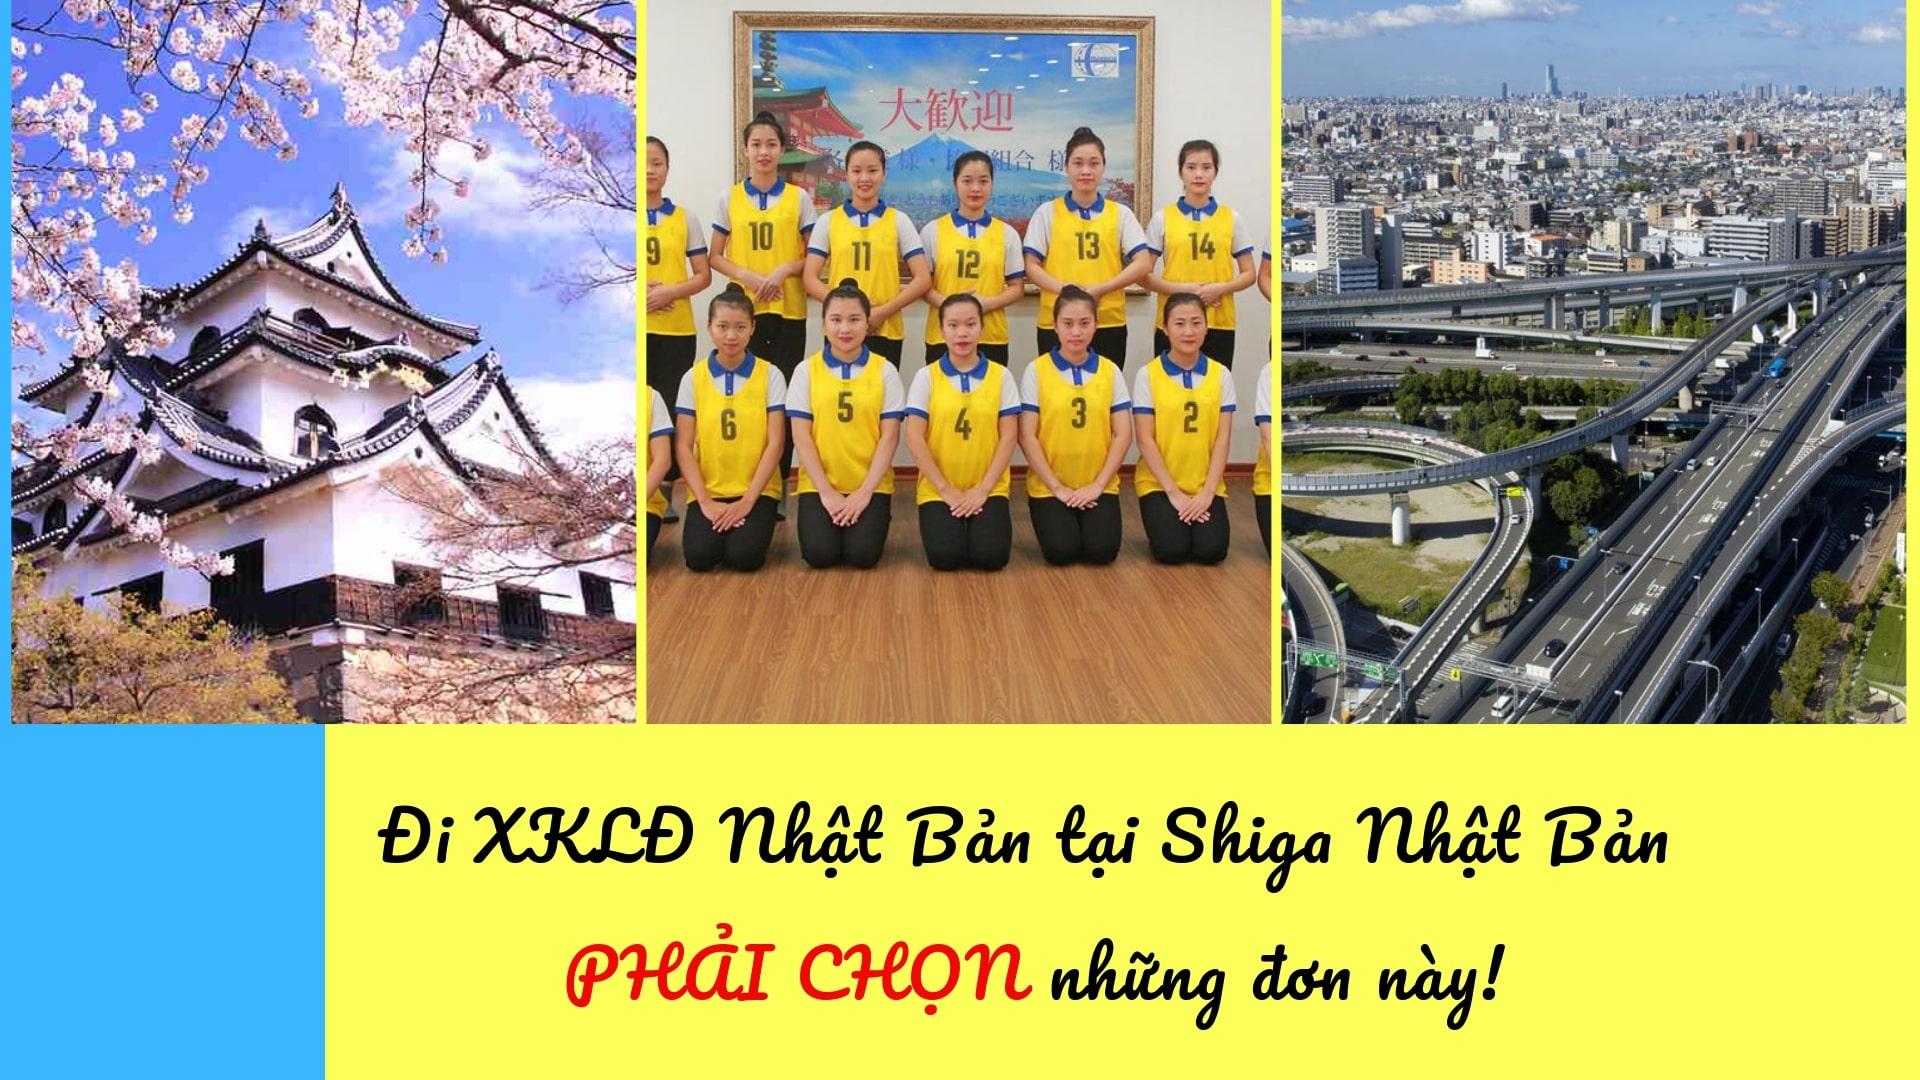 Đi XKLĐ tại Shiga Nhật Bản NHỚ CHỌN những đơn hàng này!